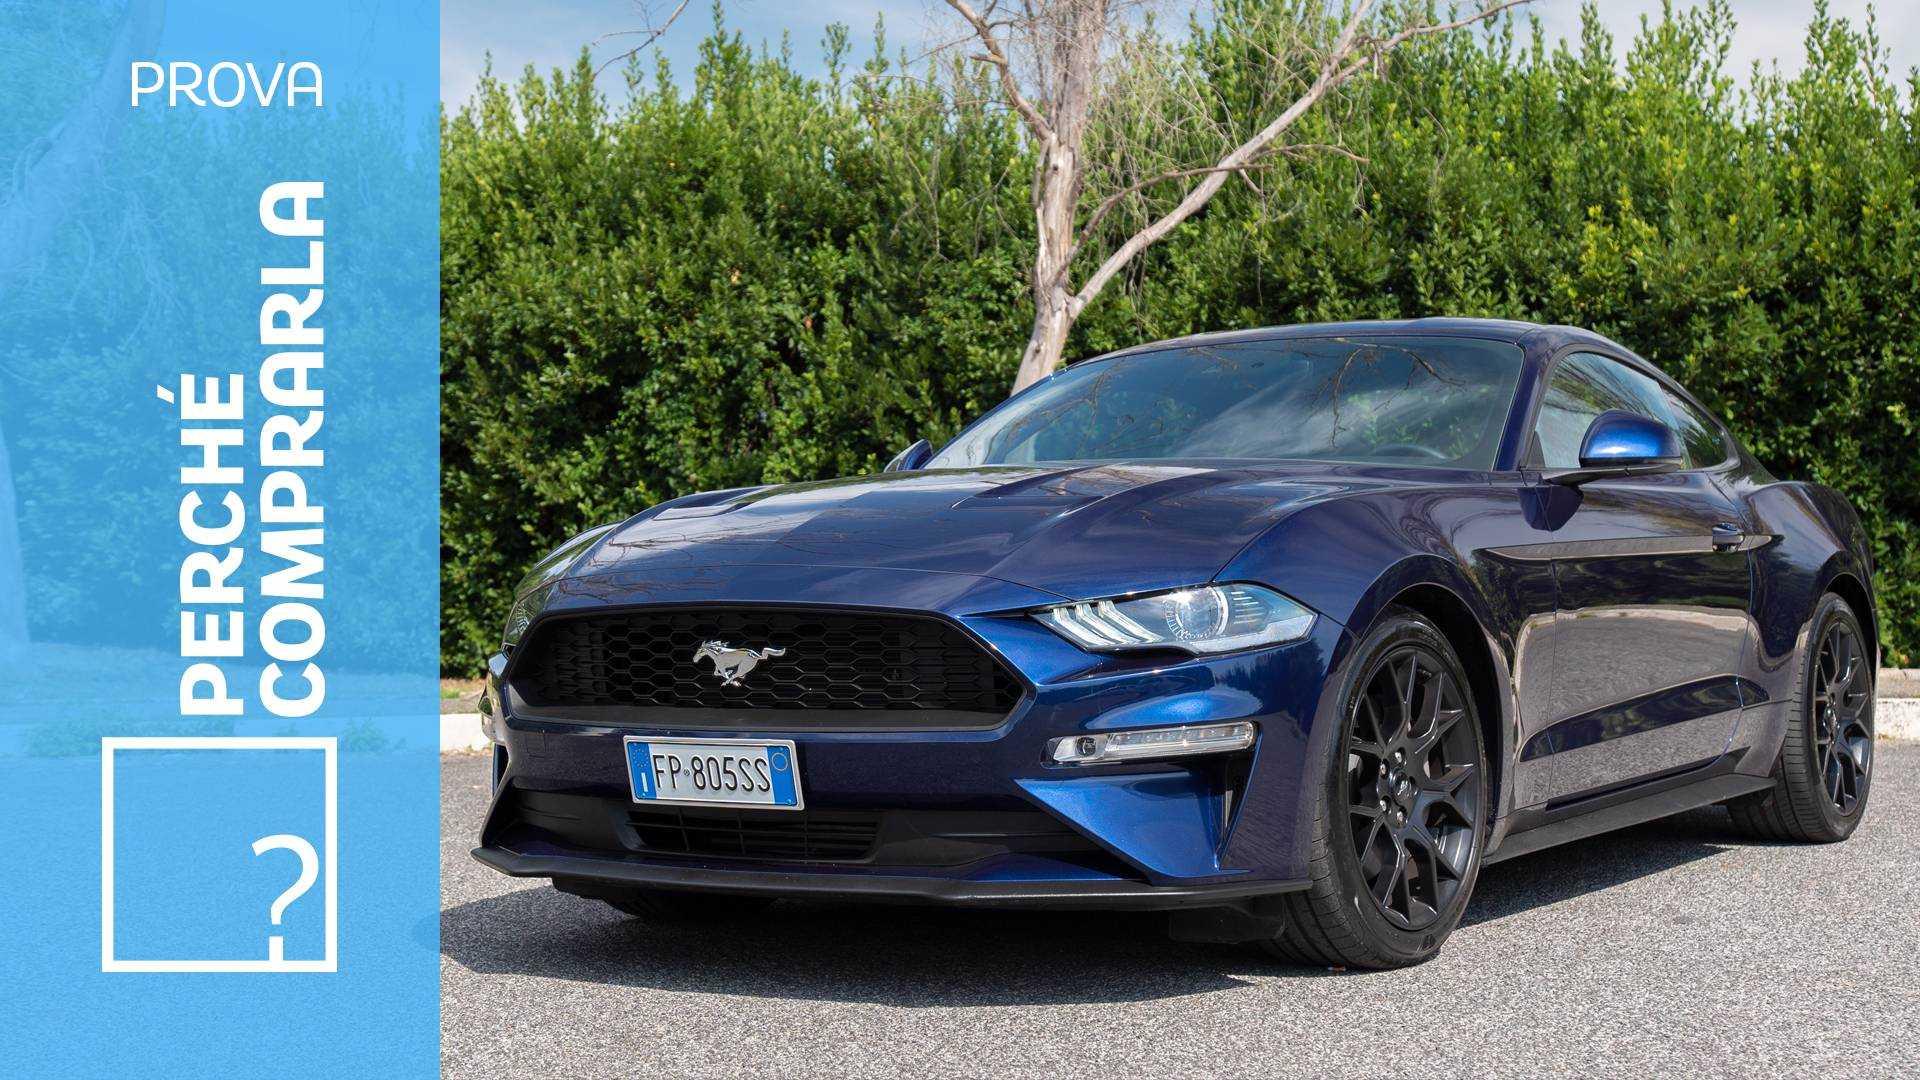 Pregi E Difetti Ford Mustang